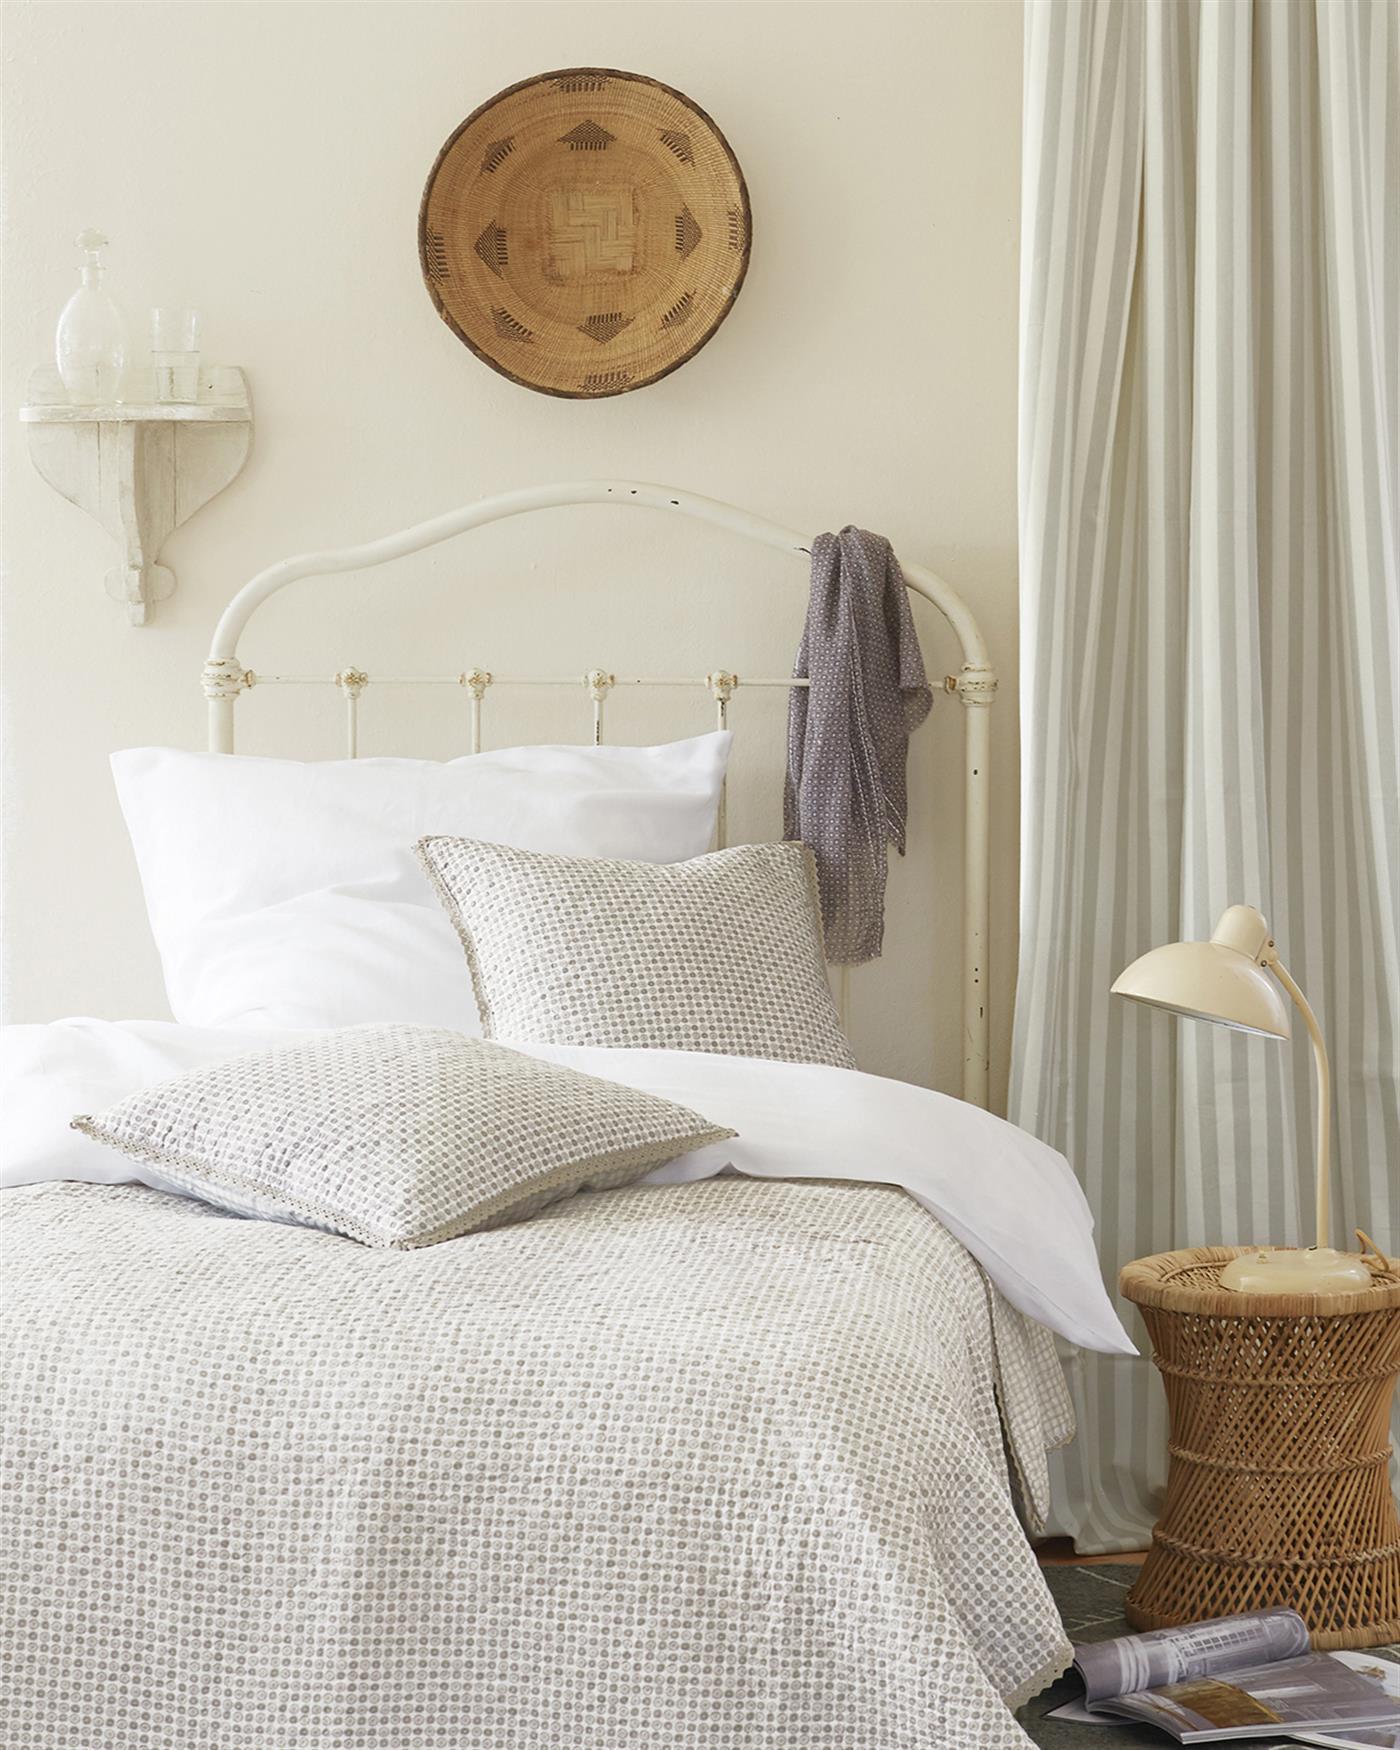 Attractive Bettwäsche, Weiß, Weiche Baumwolle, Leinen Design Inspirations